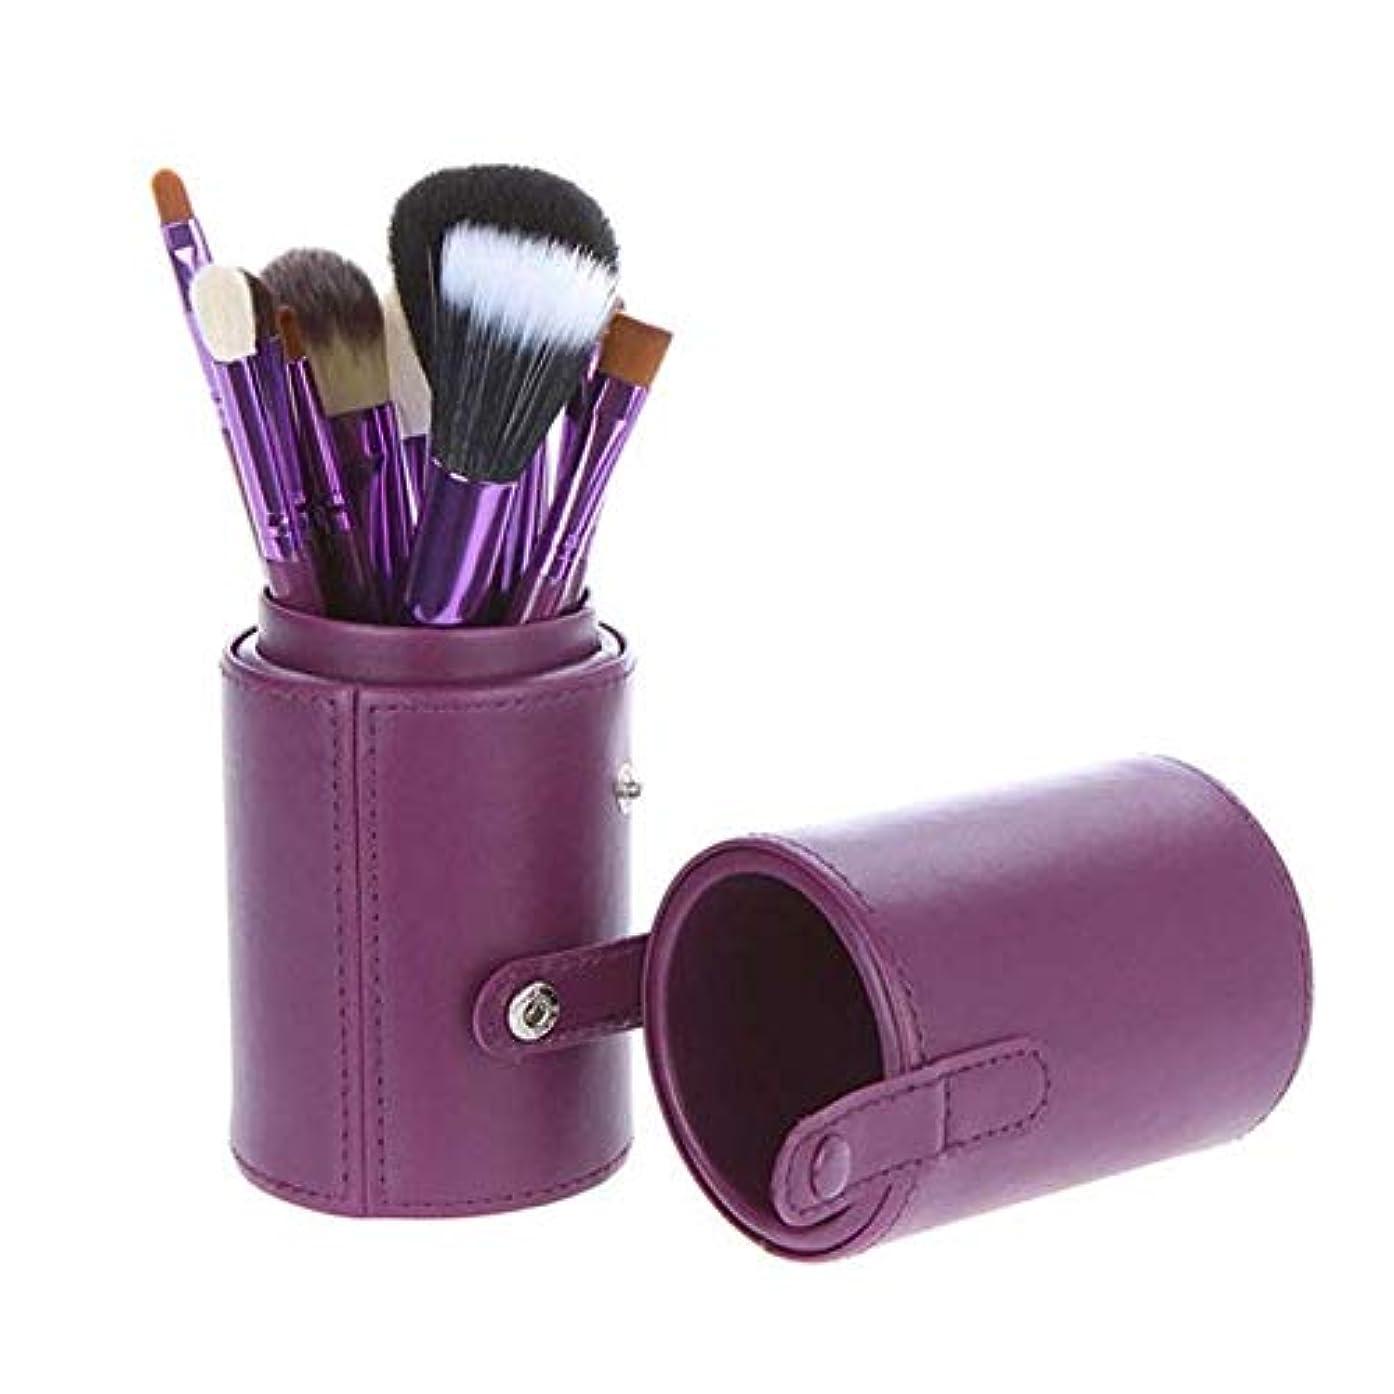 沼地囲む敬の念化粧ブラシセット:美しい女性ギフトボックスに表示されるスタイリッシュなブラシケースで、プロのプロ、美容ブレンダーとクリーナーをメイクアップ (Color : Purple)